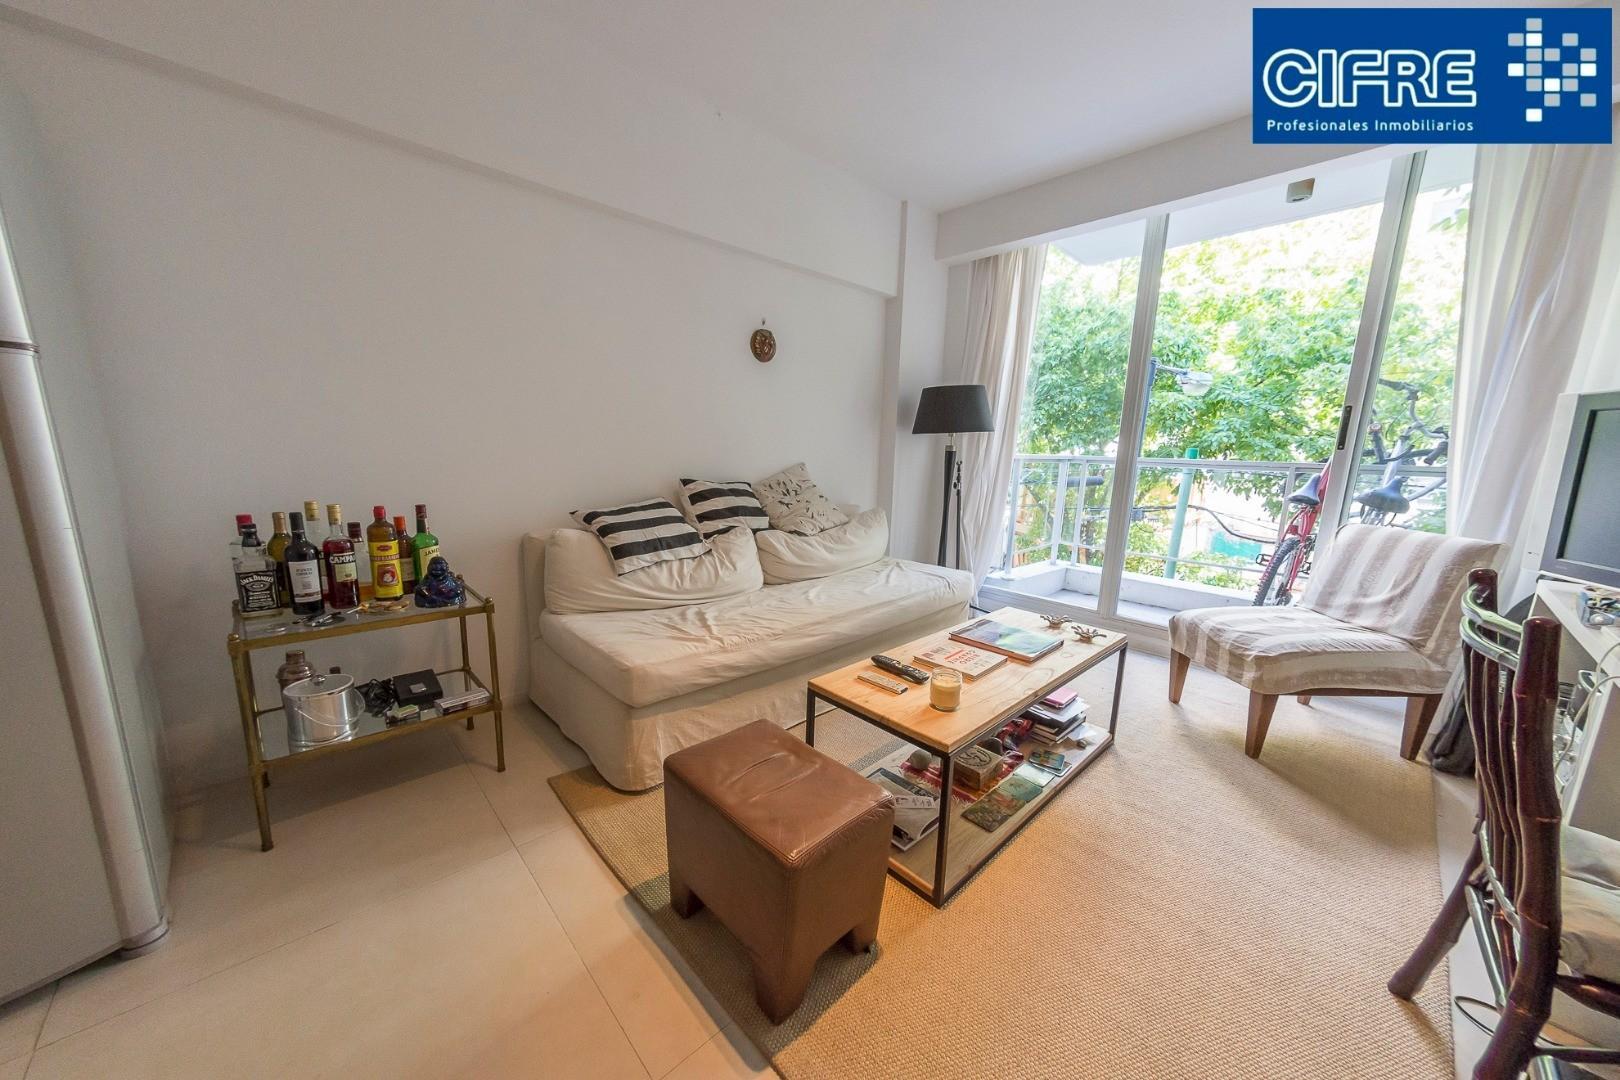 Departamento de 2 ambientes al frente balcon y cochera - Suc Urquiza - 4521-3333